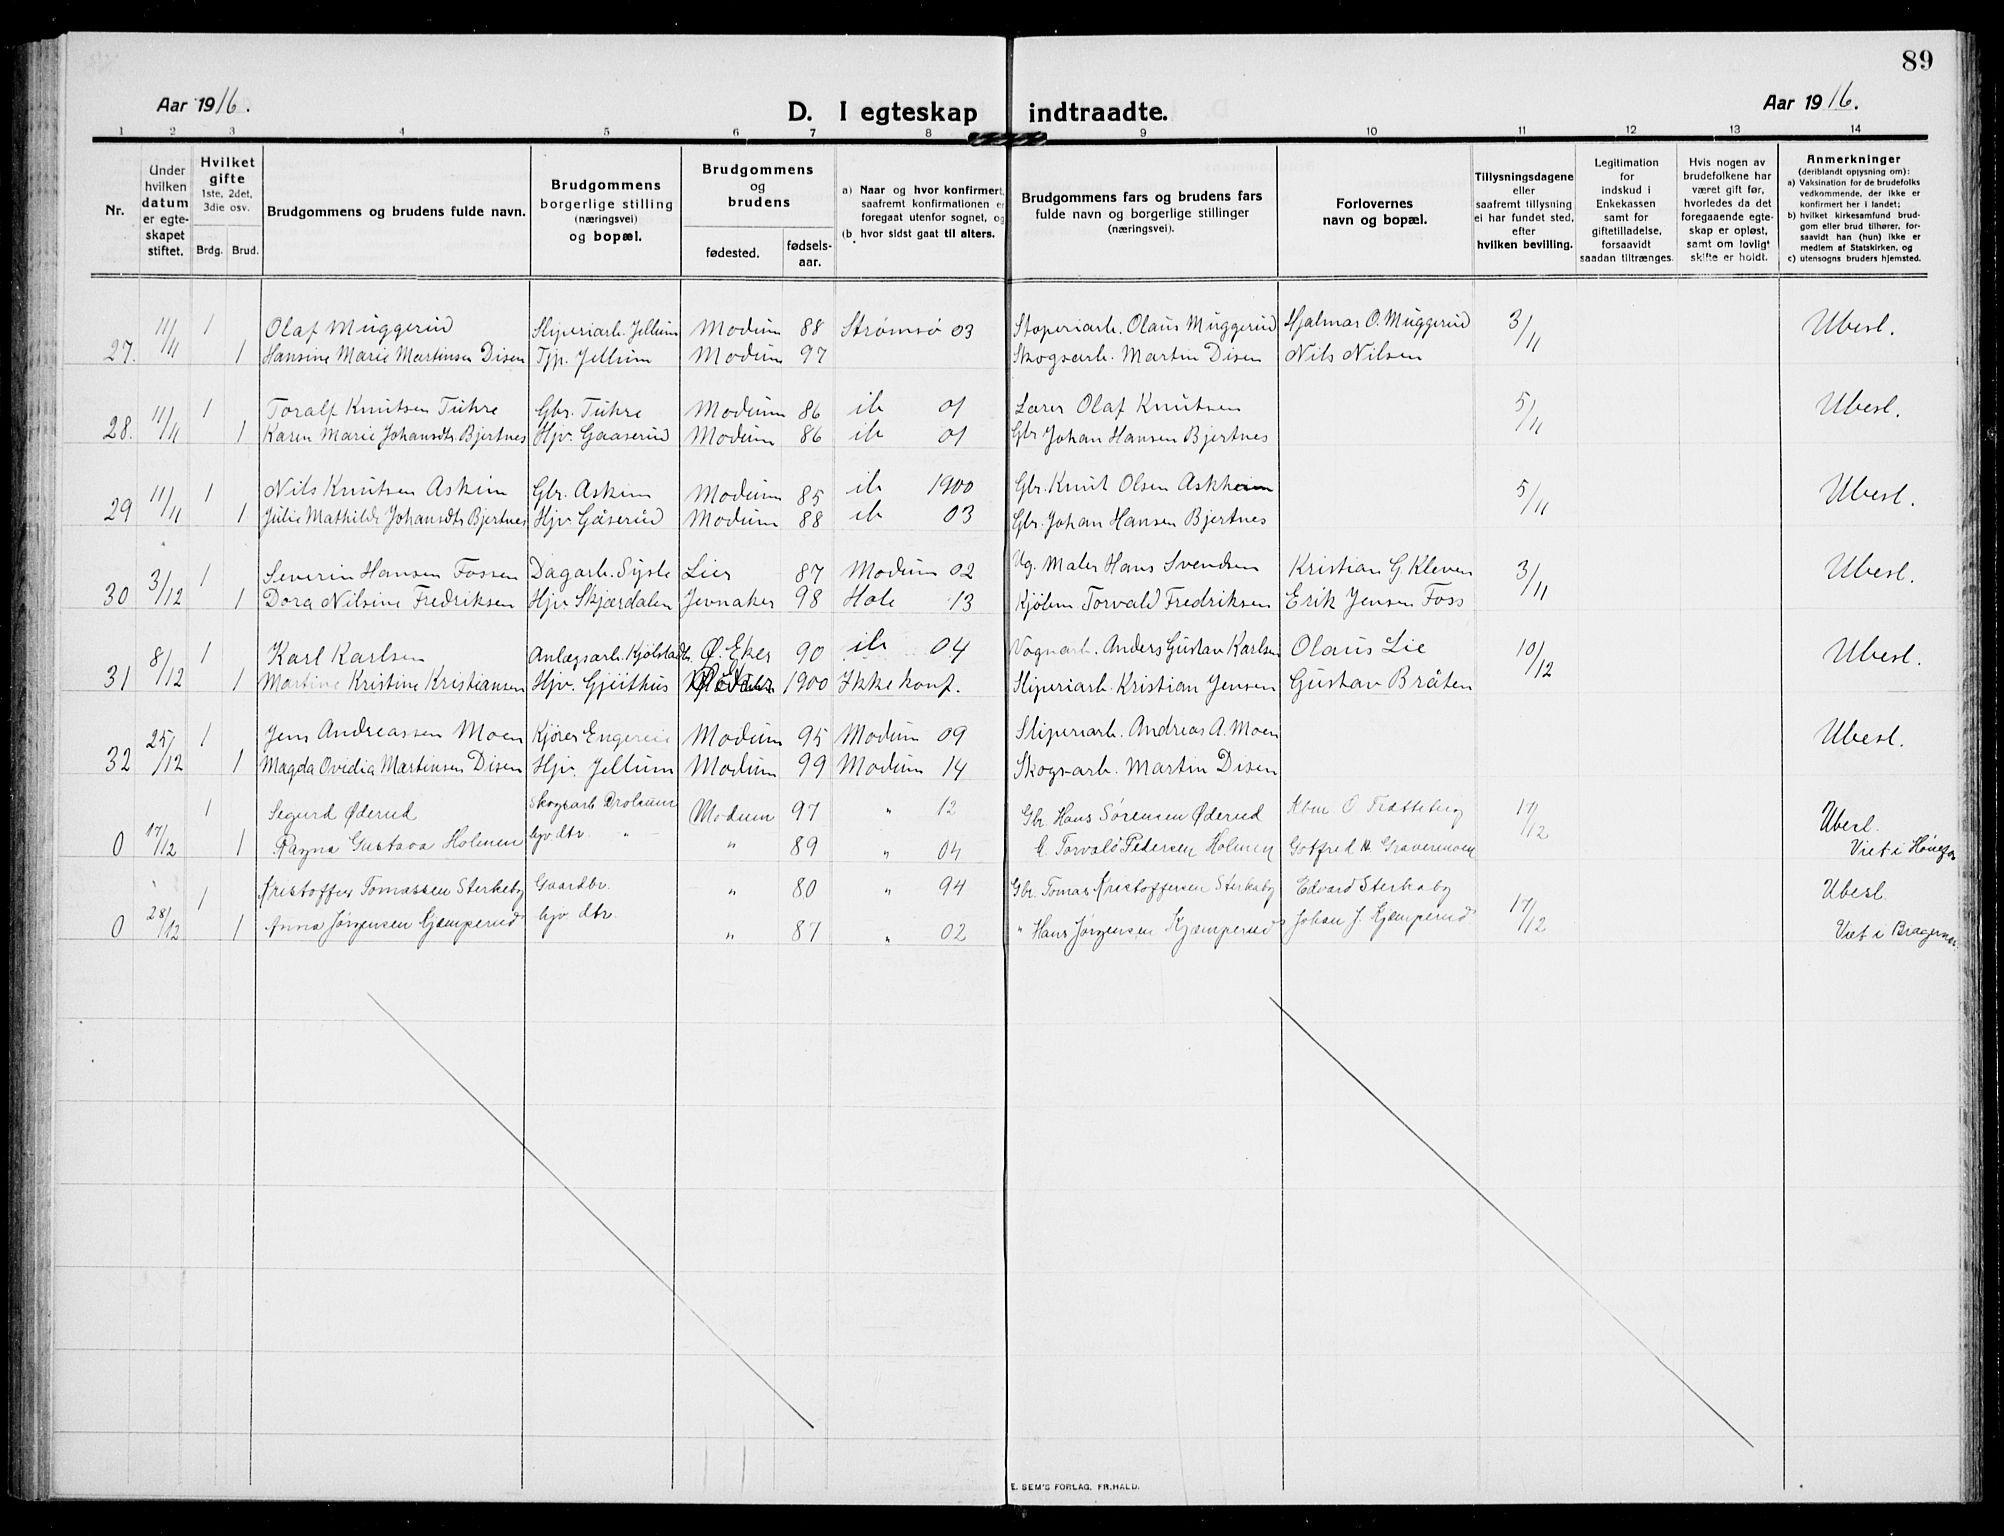 SAKO, Modum kirkebøker, G/Ga/L0010: Klokkerbok nr. I 10, 1909-1923, s. 89